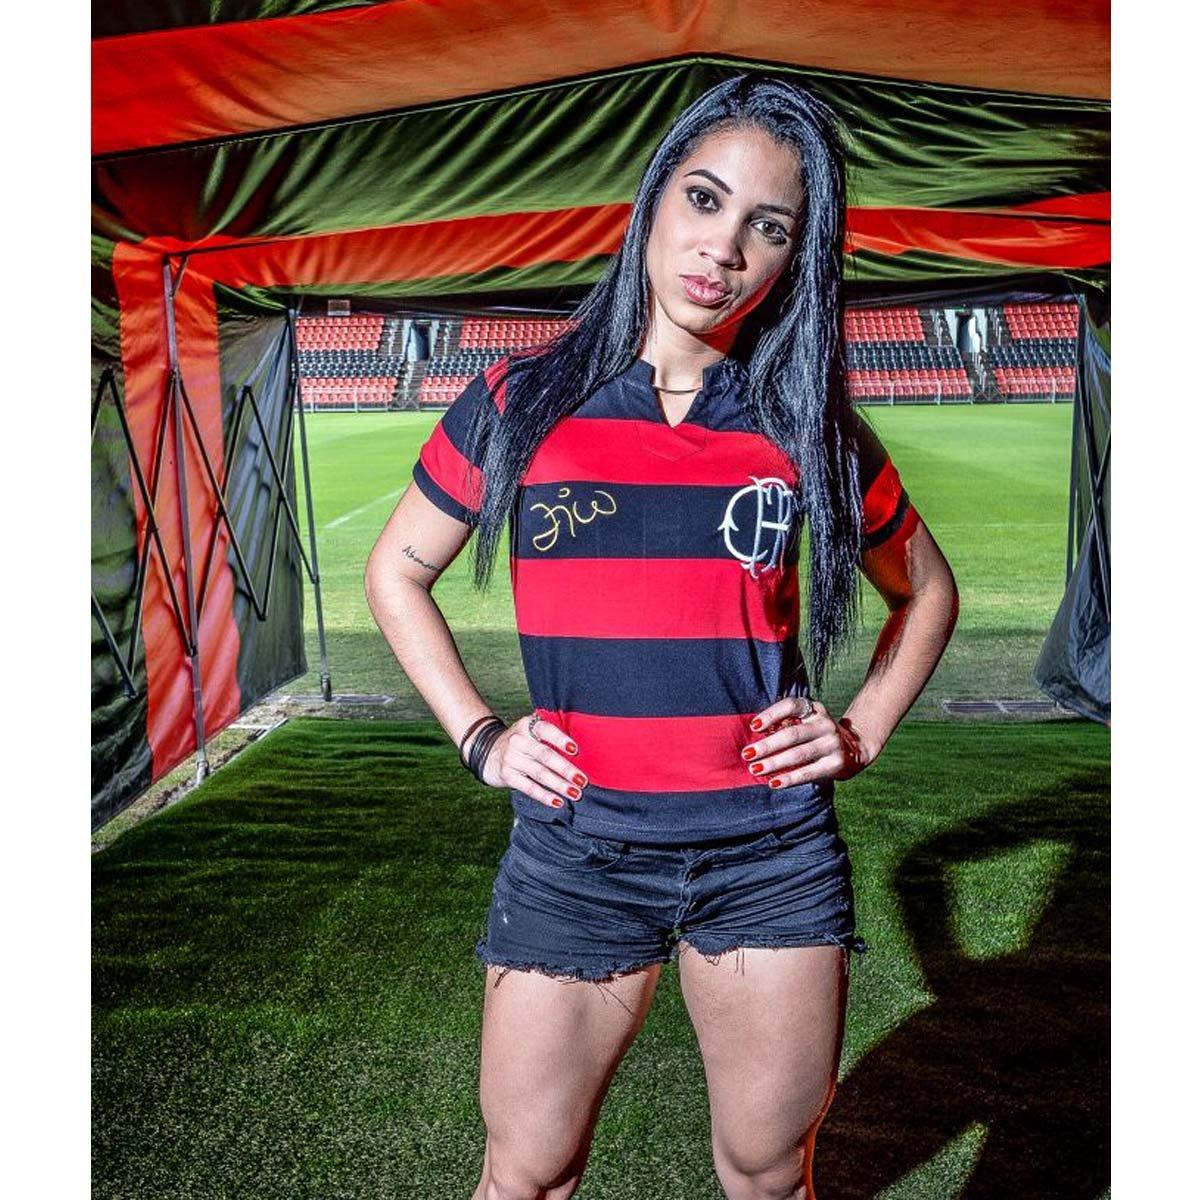 392783fb33 Camisa Feminina Flamengo Tri Zico - Compre Agora